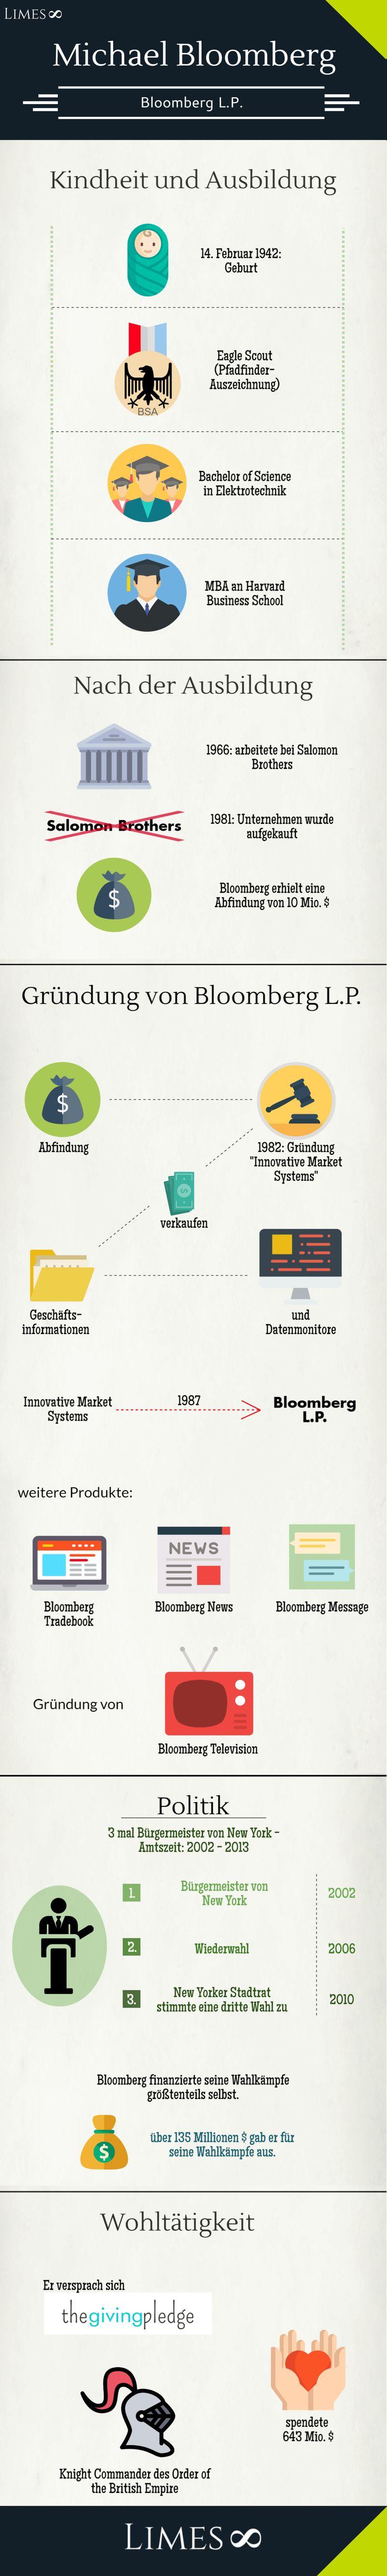 Infografik Michael Bloomberg: Gründer und CEO von Bloomberg LP, wurde drei Mal in Folge zum Bürgermeister von New York gewählt (2002-2013)